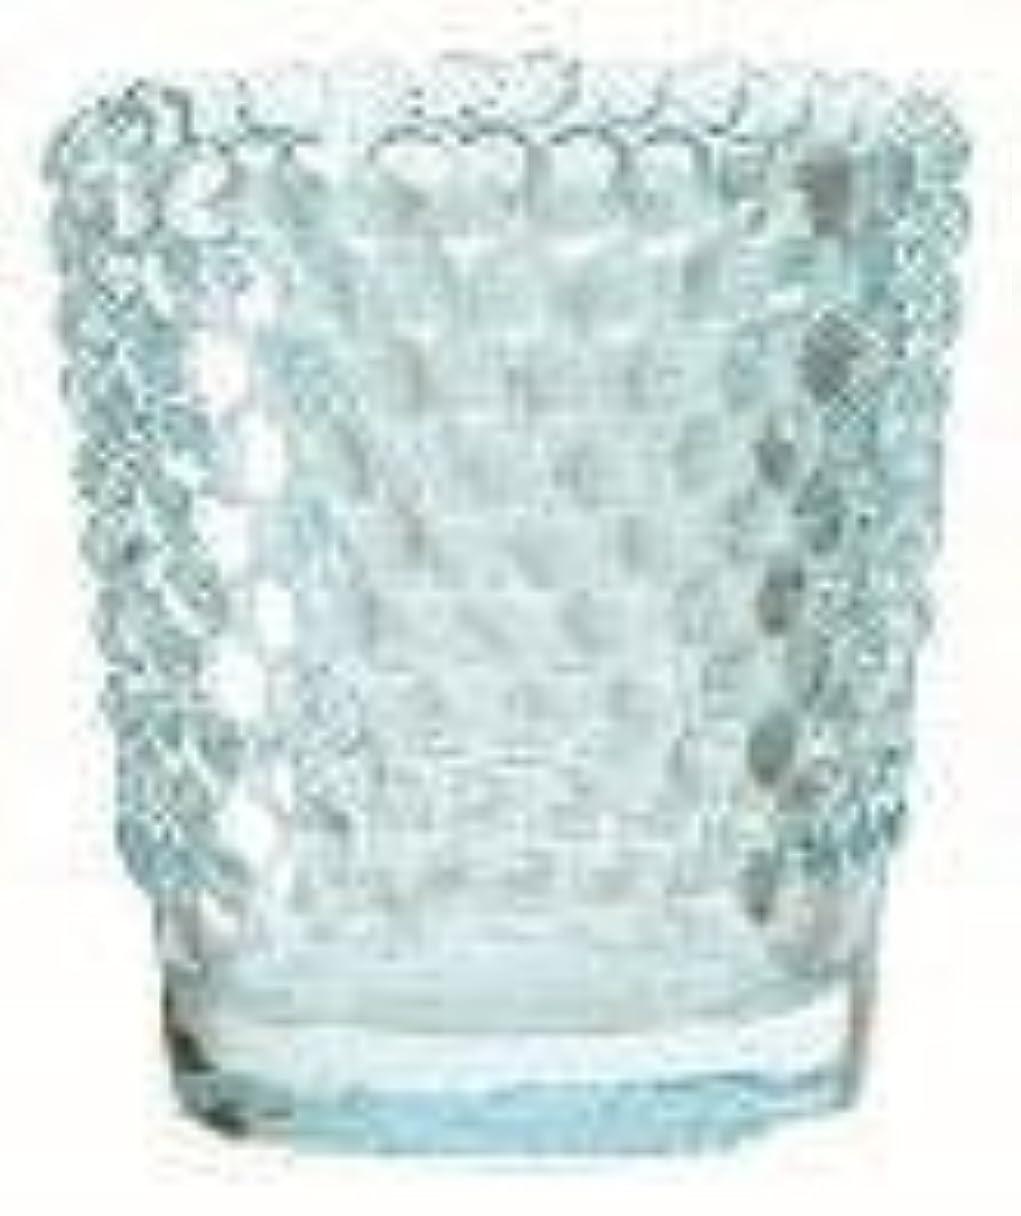 交通渋滞比べる育成カメヤマキャンドル(kameyama candle) ホビネルグラス 「 サファイア 」6個セット